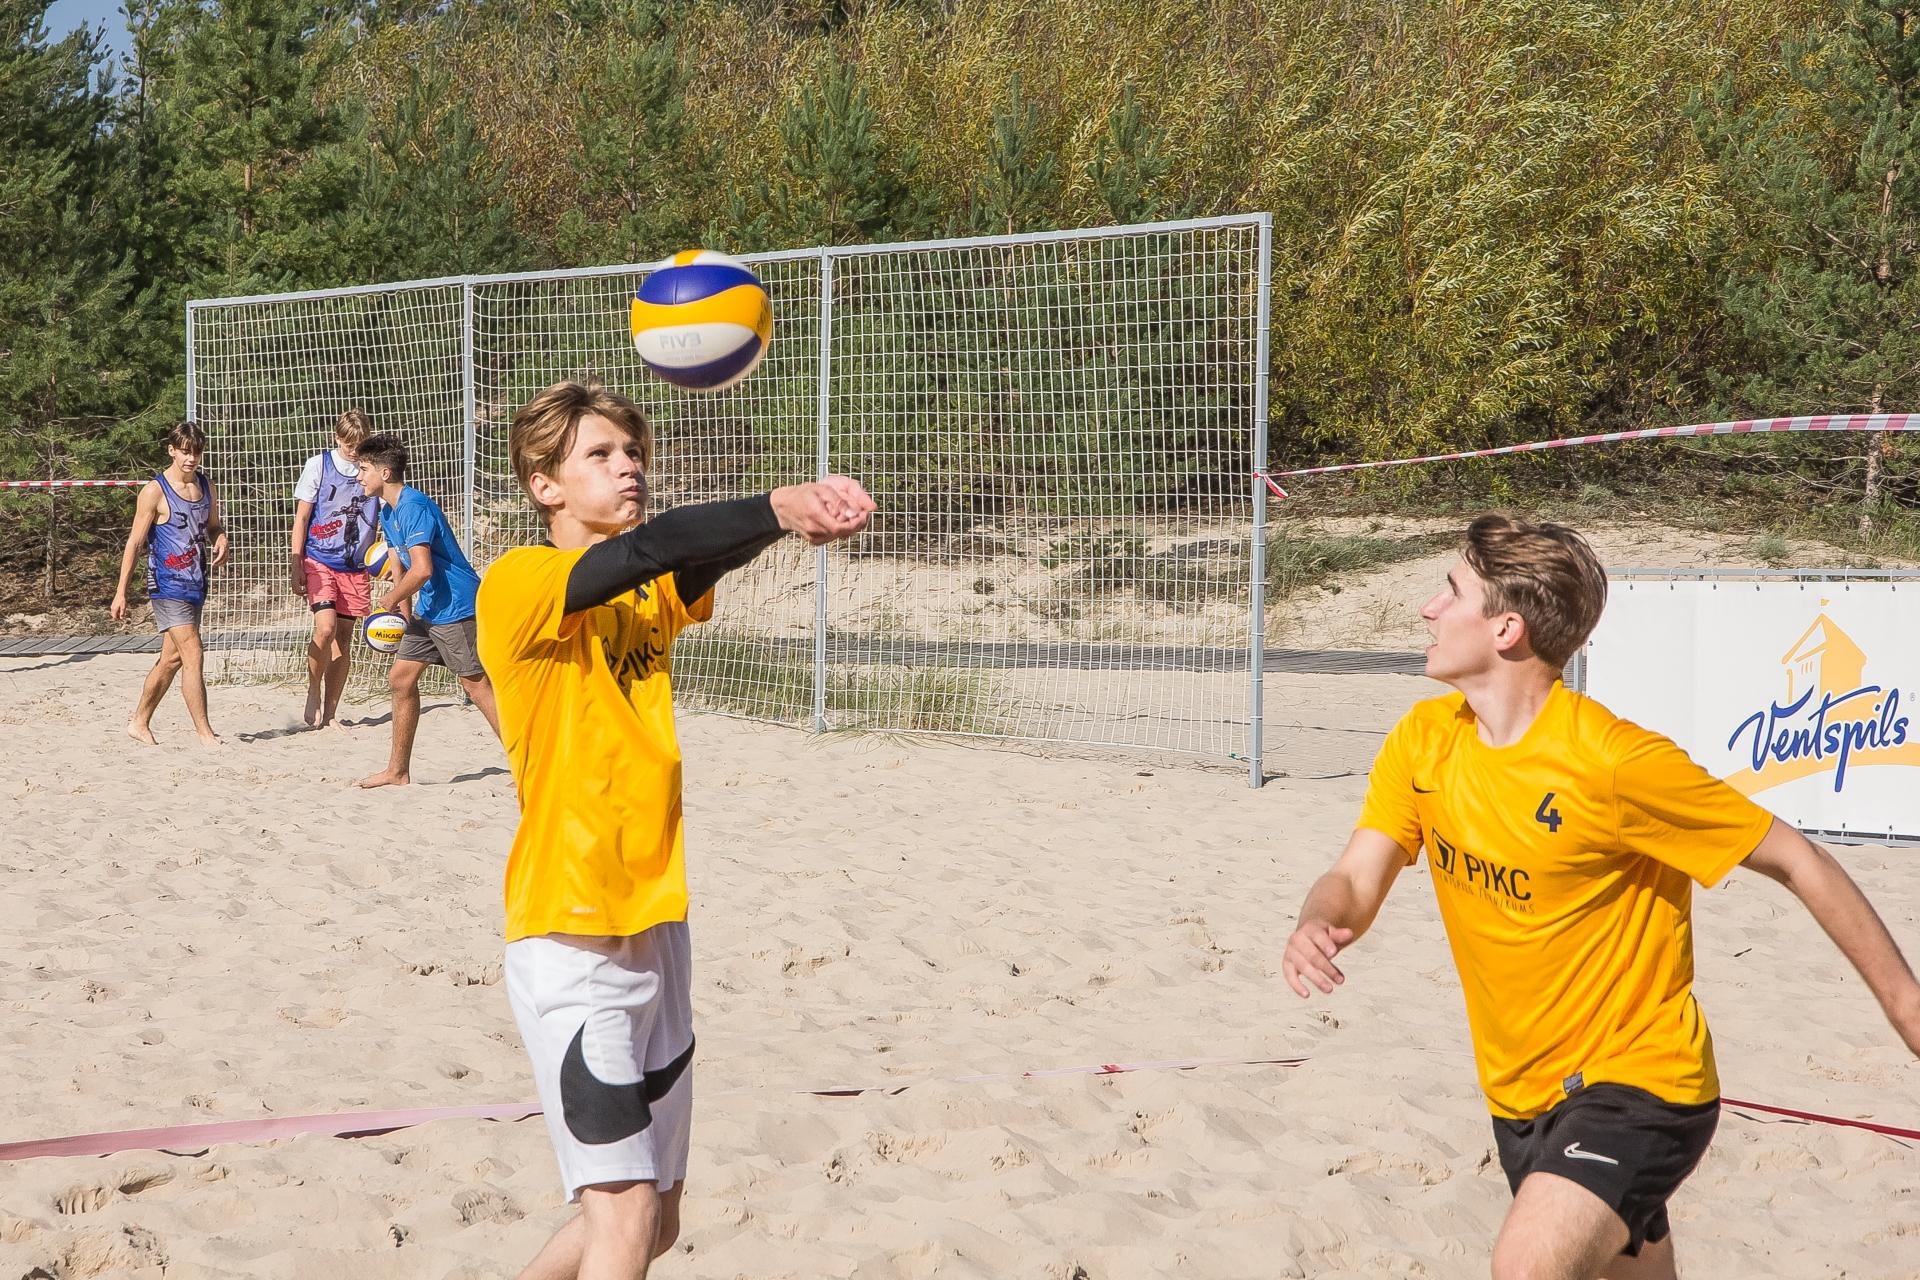 Aizvadīts pludmales volejbola turnīrs Ventspils vidusskolu grupā